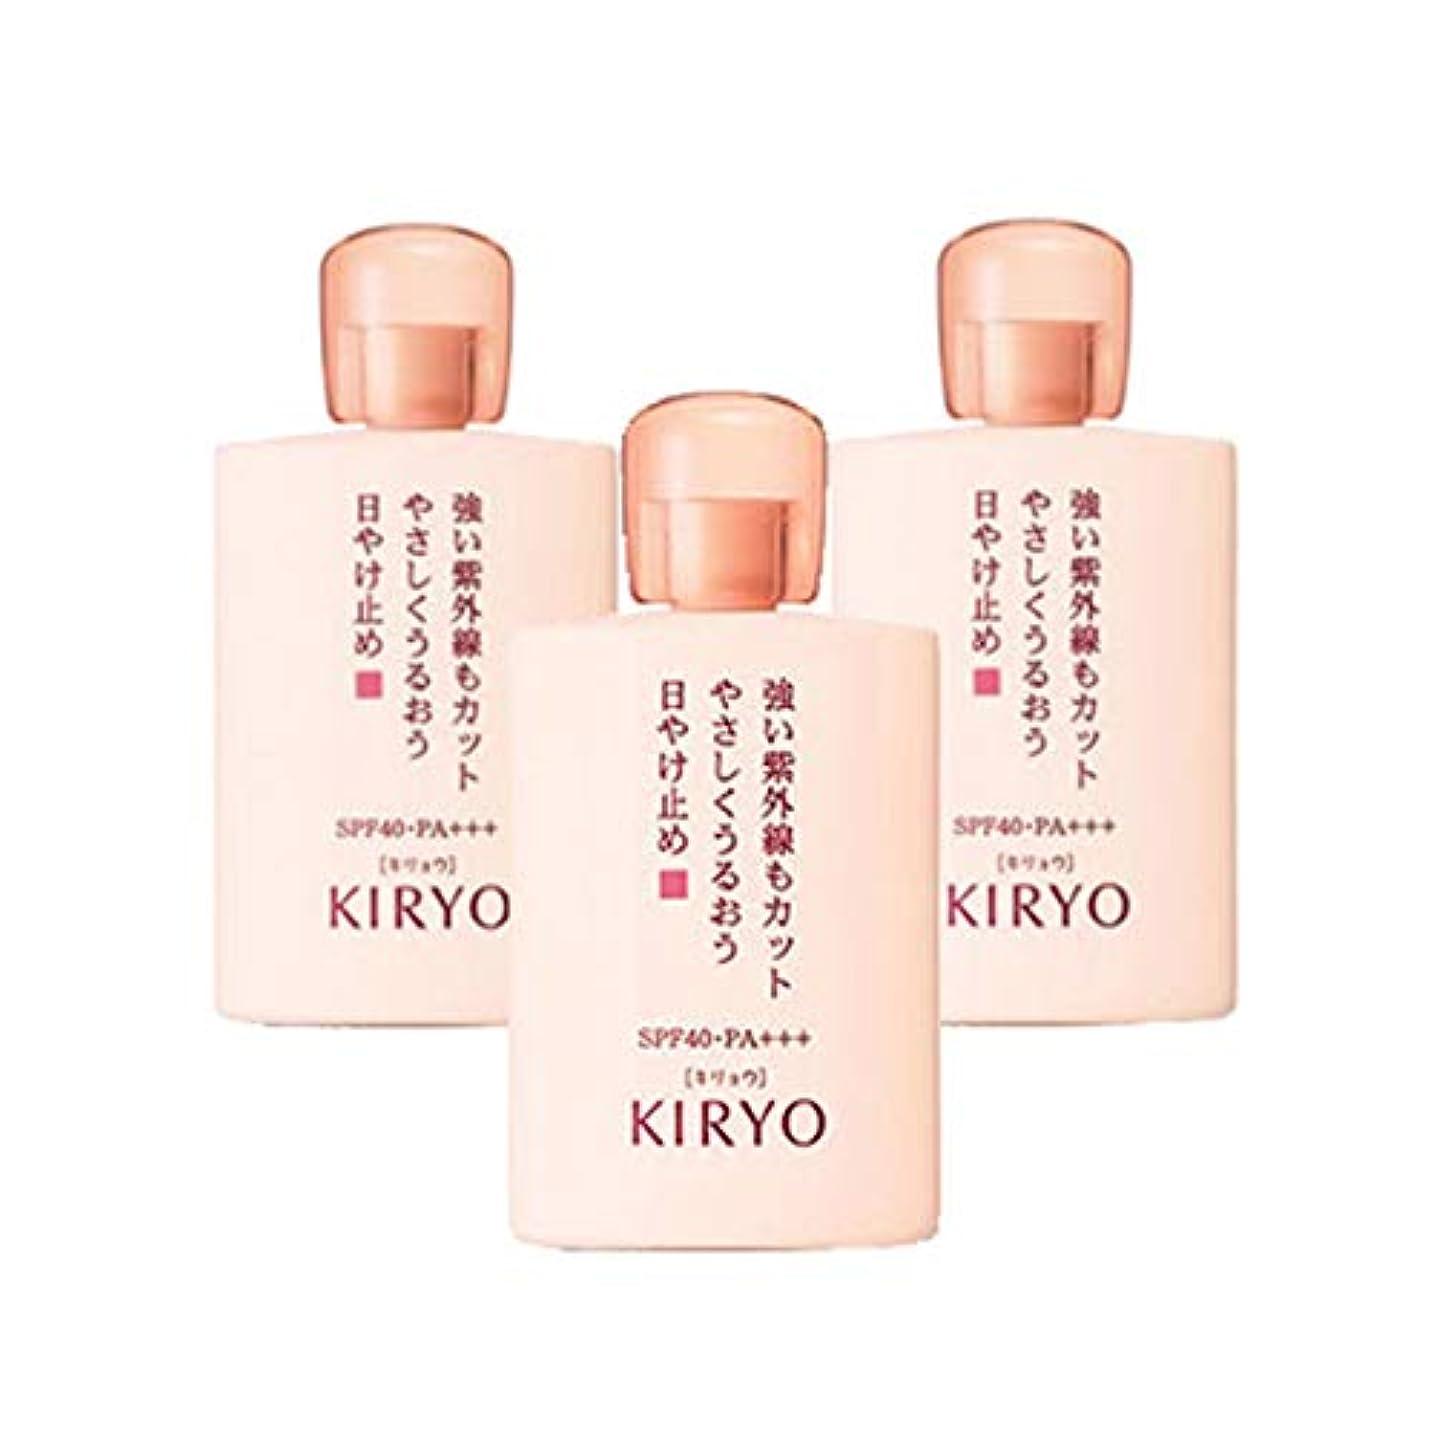 不快共感する抵抗する【資生堂】KIRYO キリョウ サンブロック UV SPF40 PA+++ 50mL× 3個セット【International shipping available】